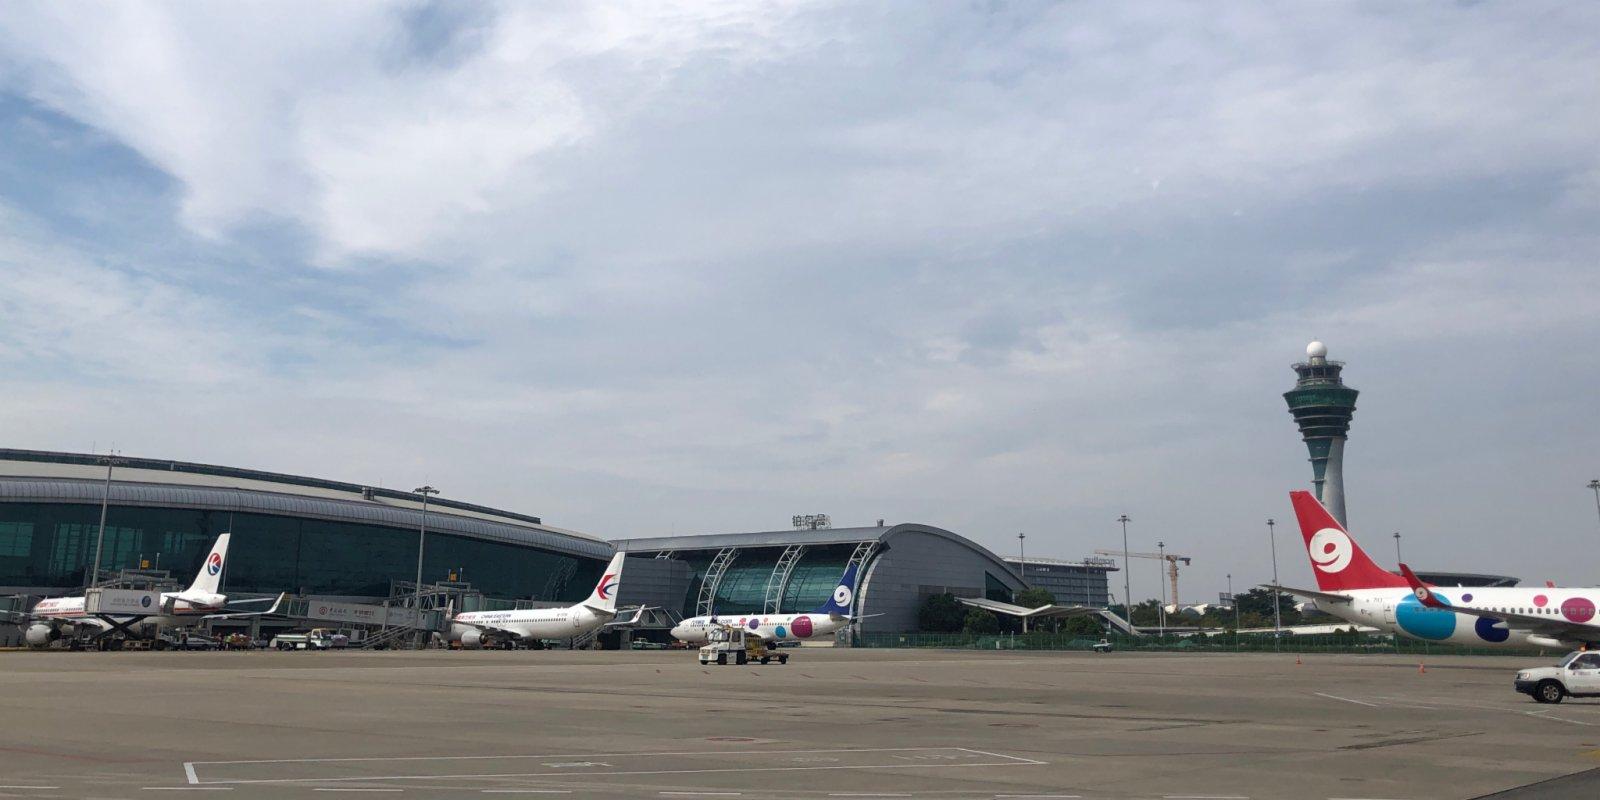 港澳穗深珠5機場  推動構建「大灣區機場聯盟」